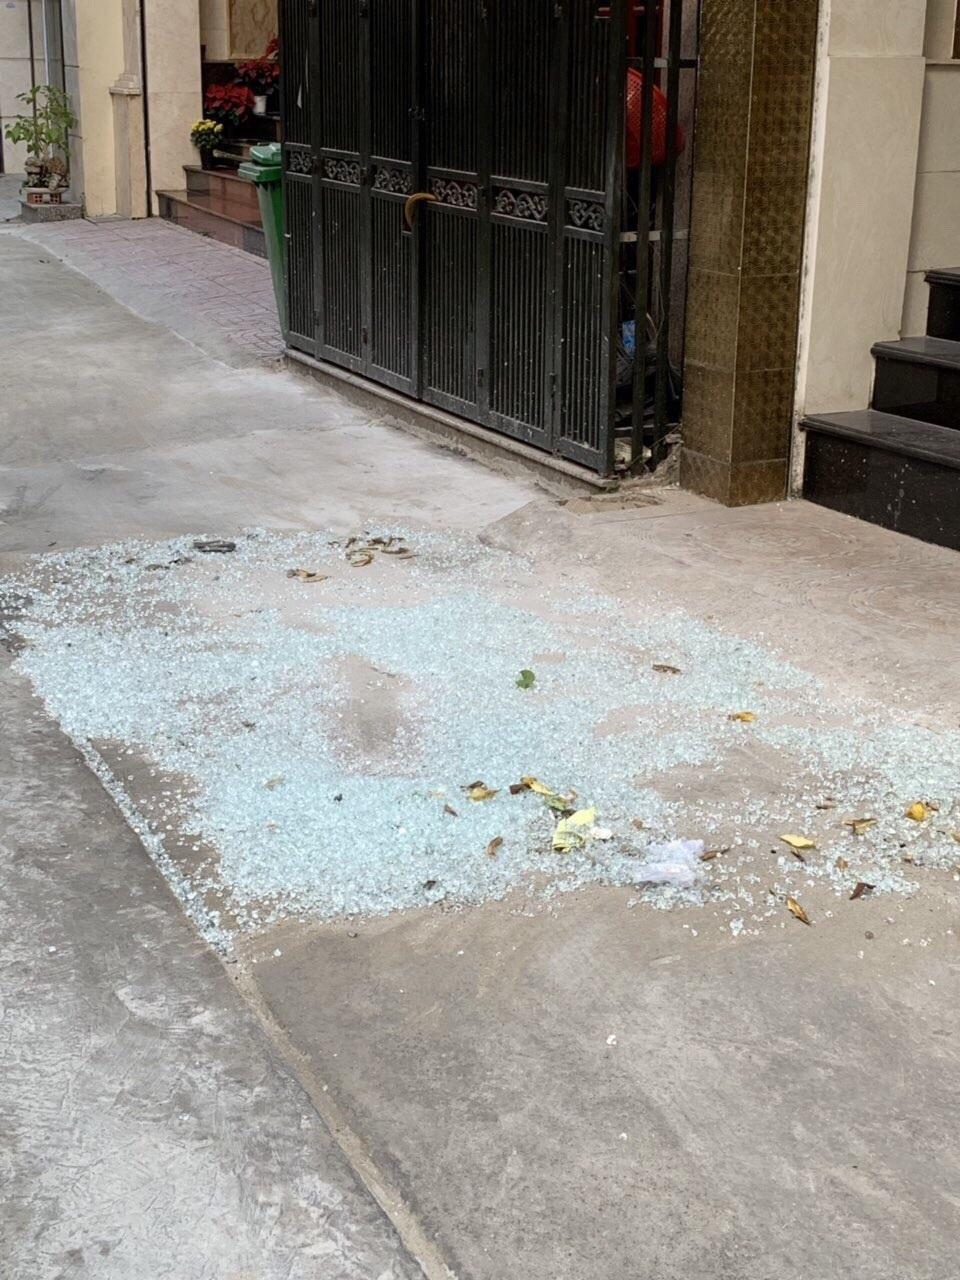 Hàng loạt căn nhà ở trung tâm Sài Gòn bị bắn vỡ kính vì lý do... bất ngờ - Ảnh 3.